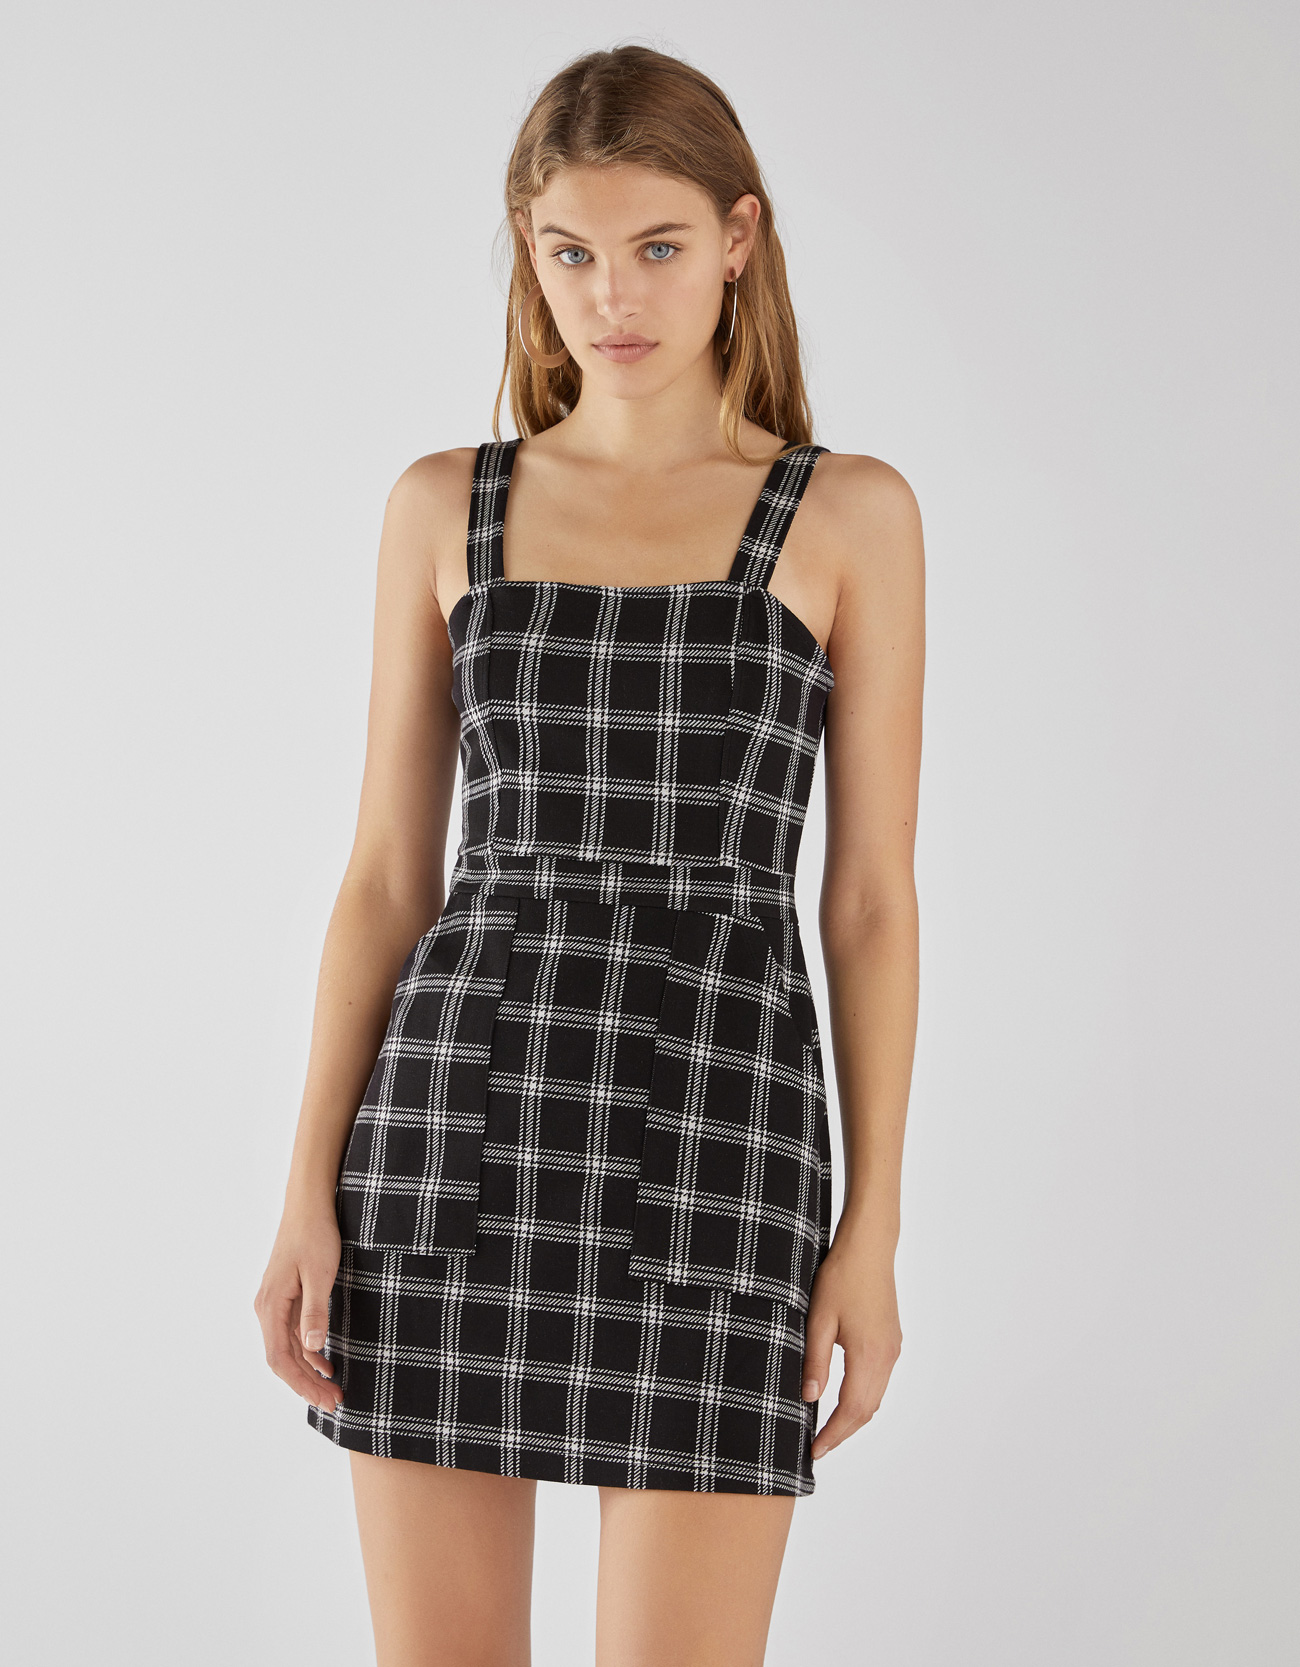 elegir original elige genuino venta caliente barato Vestido tipo peto de cuadros